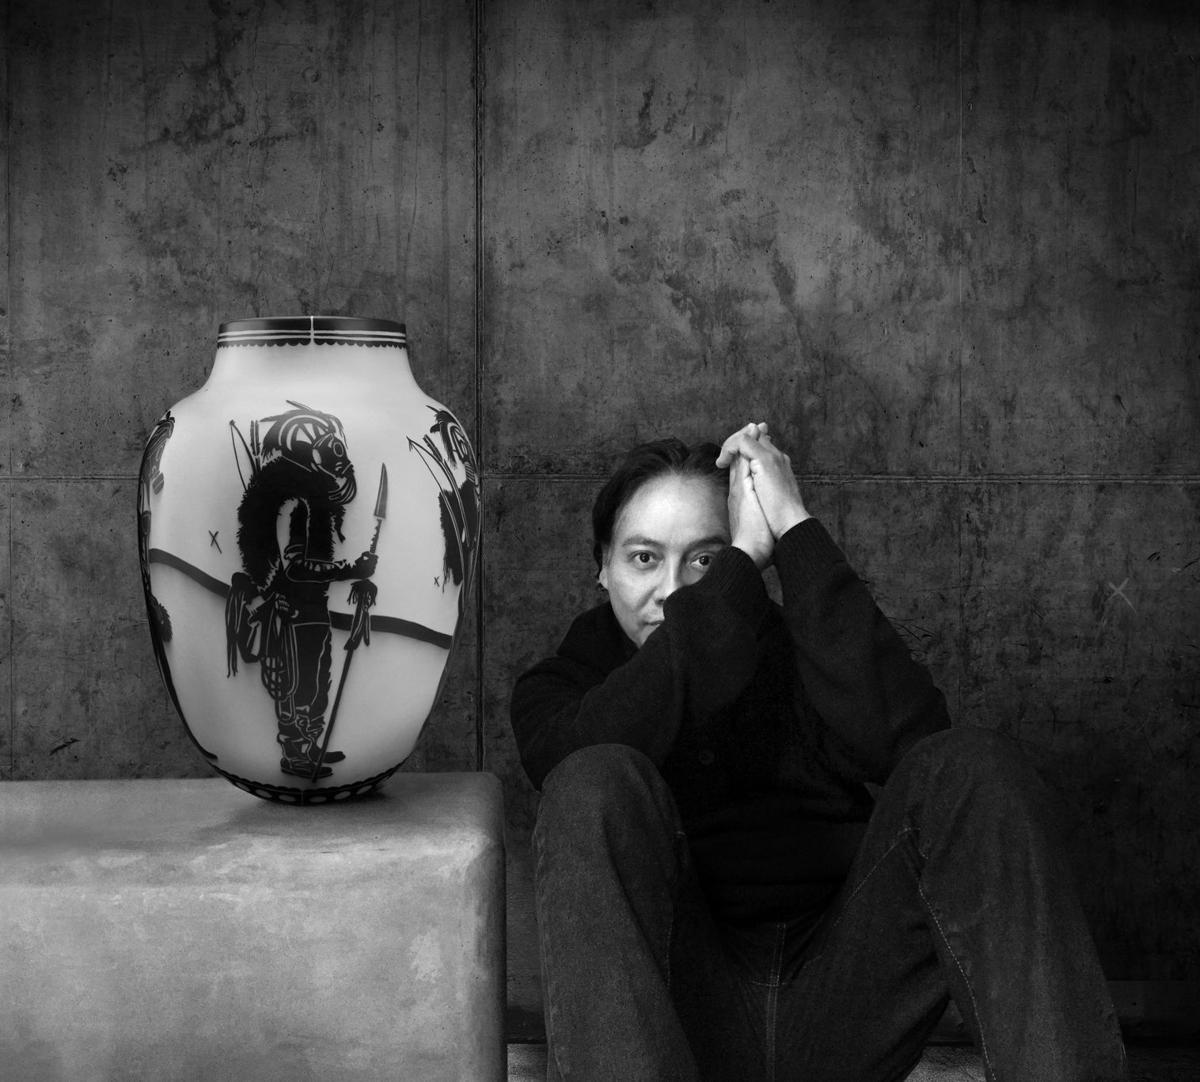 Virgil Ortiz self-portrait